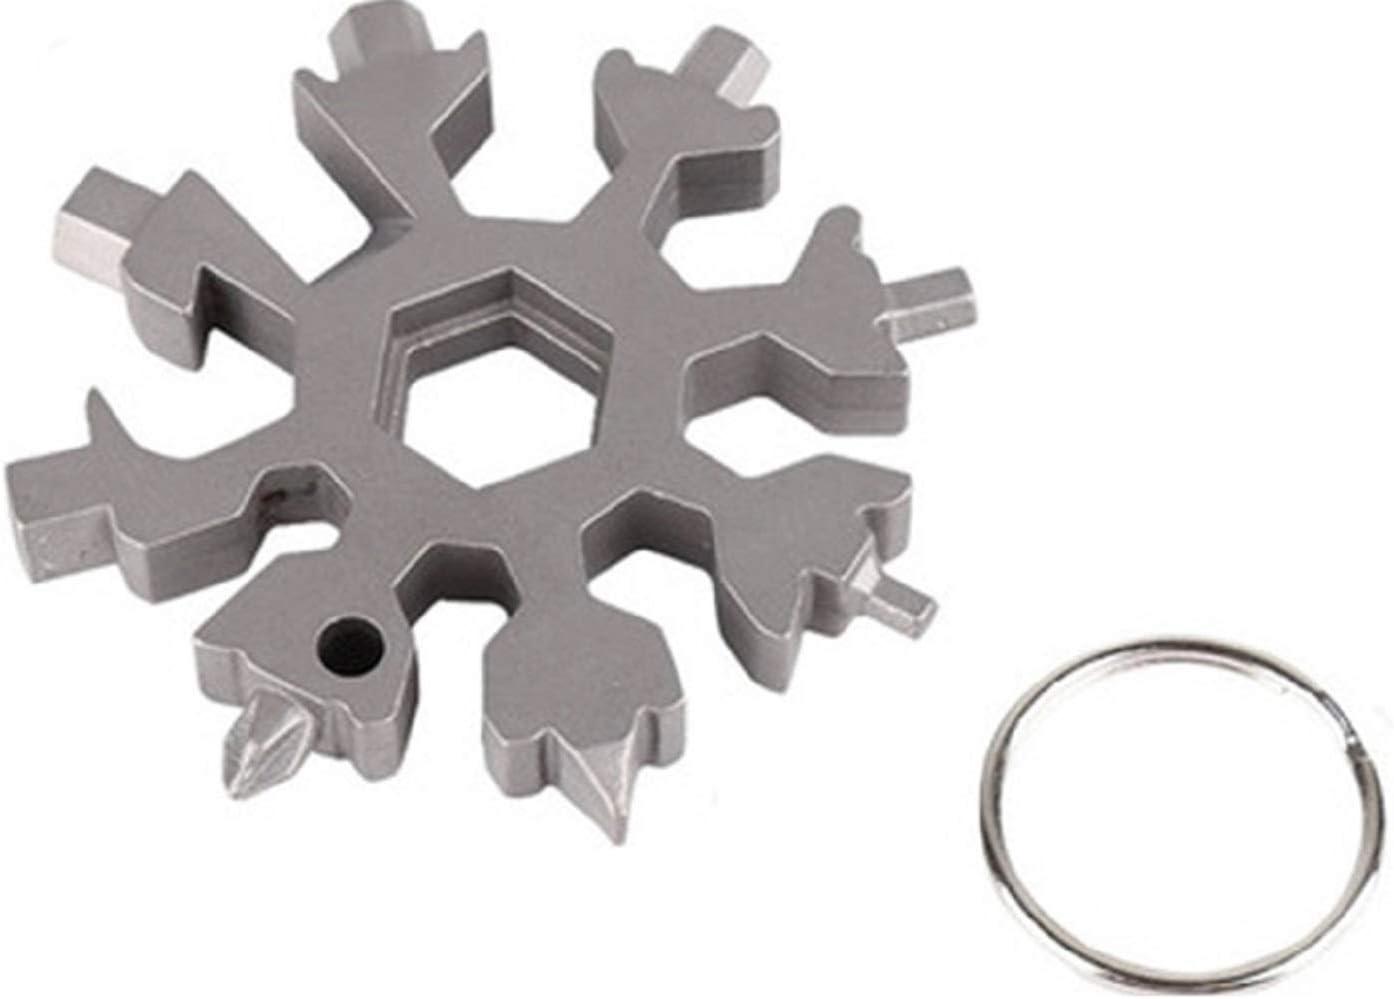 outil multifonction 12 en 1 outil de poche en acier inoxydable outil multiusages+ porte cl/é noir, gris noir Outil multifonction 18 en 1